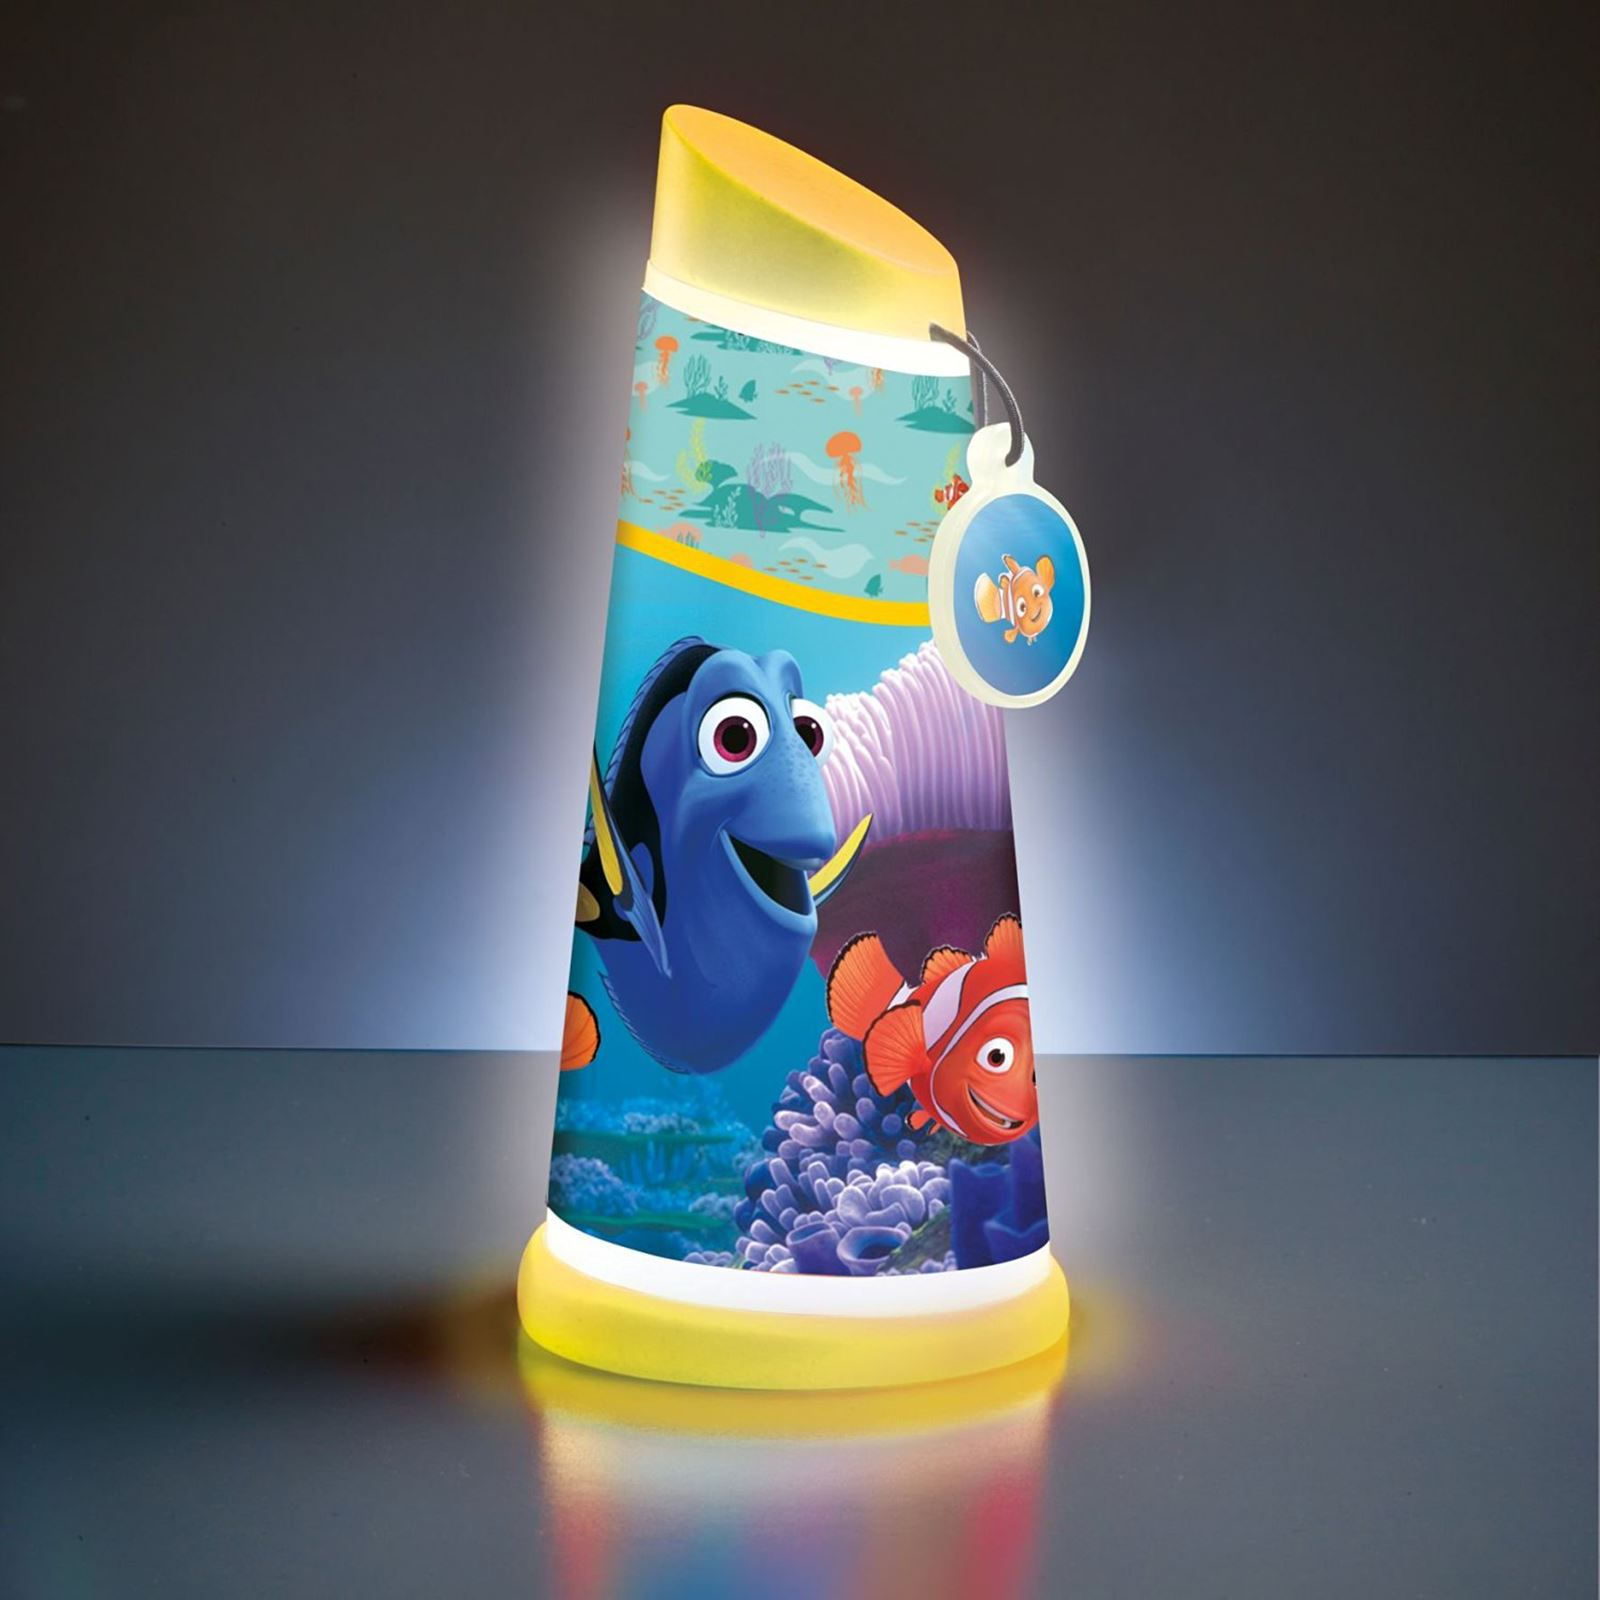 Indexbild 31 - Go Glow Nacht Beam Kipp Torch Beleuchtung Licht Kinder Schlafzimmer